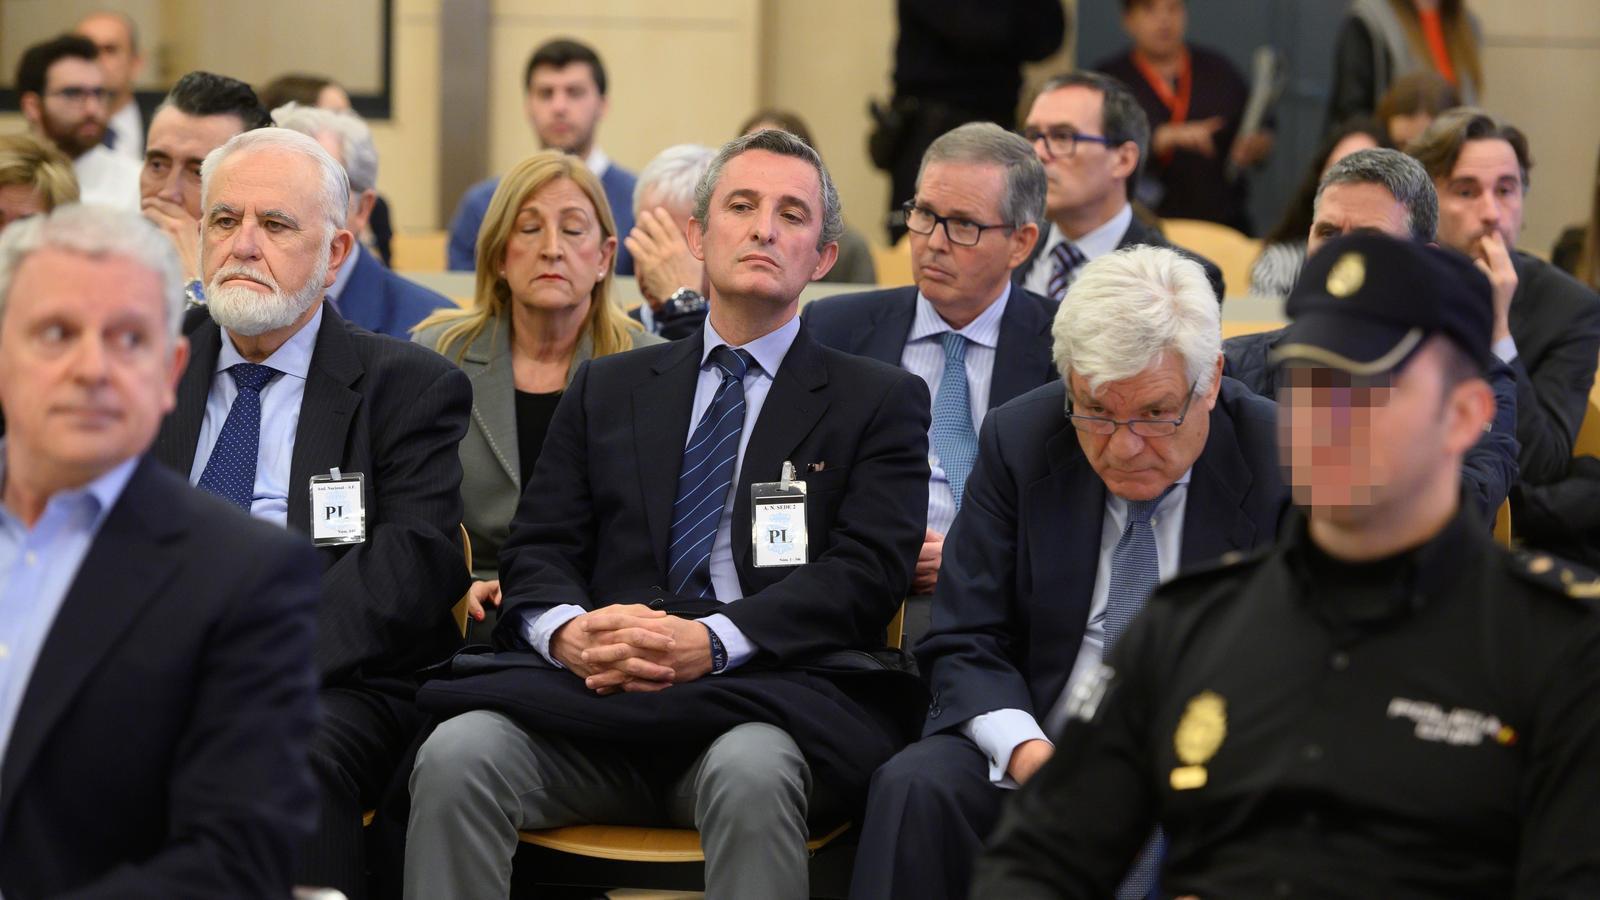 L'expresident de les Corts Valencianes Juan Cotino (e), l'exdirector de la televisió i la ràdio públiques del País Valencià Pedro García (c) i l'exvicepresident de Repsol YPF Jose Ramón Blanco Balín (d), durant l'inici del judici per la visita del Papa Benet XVI a València